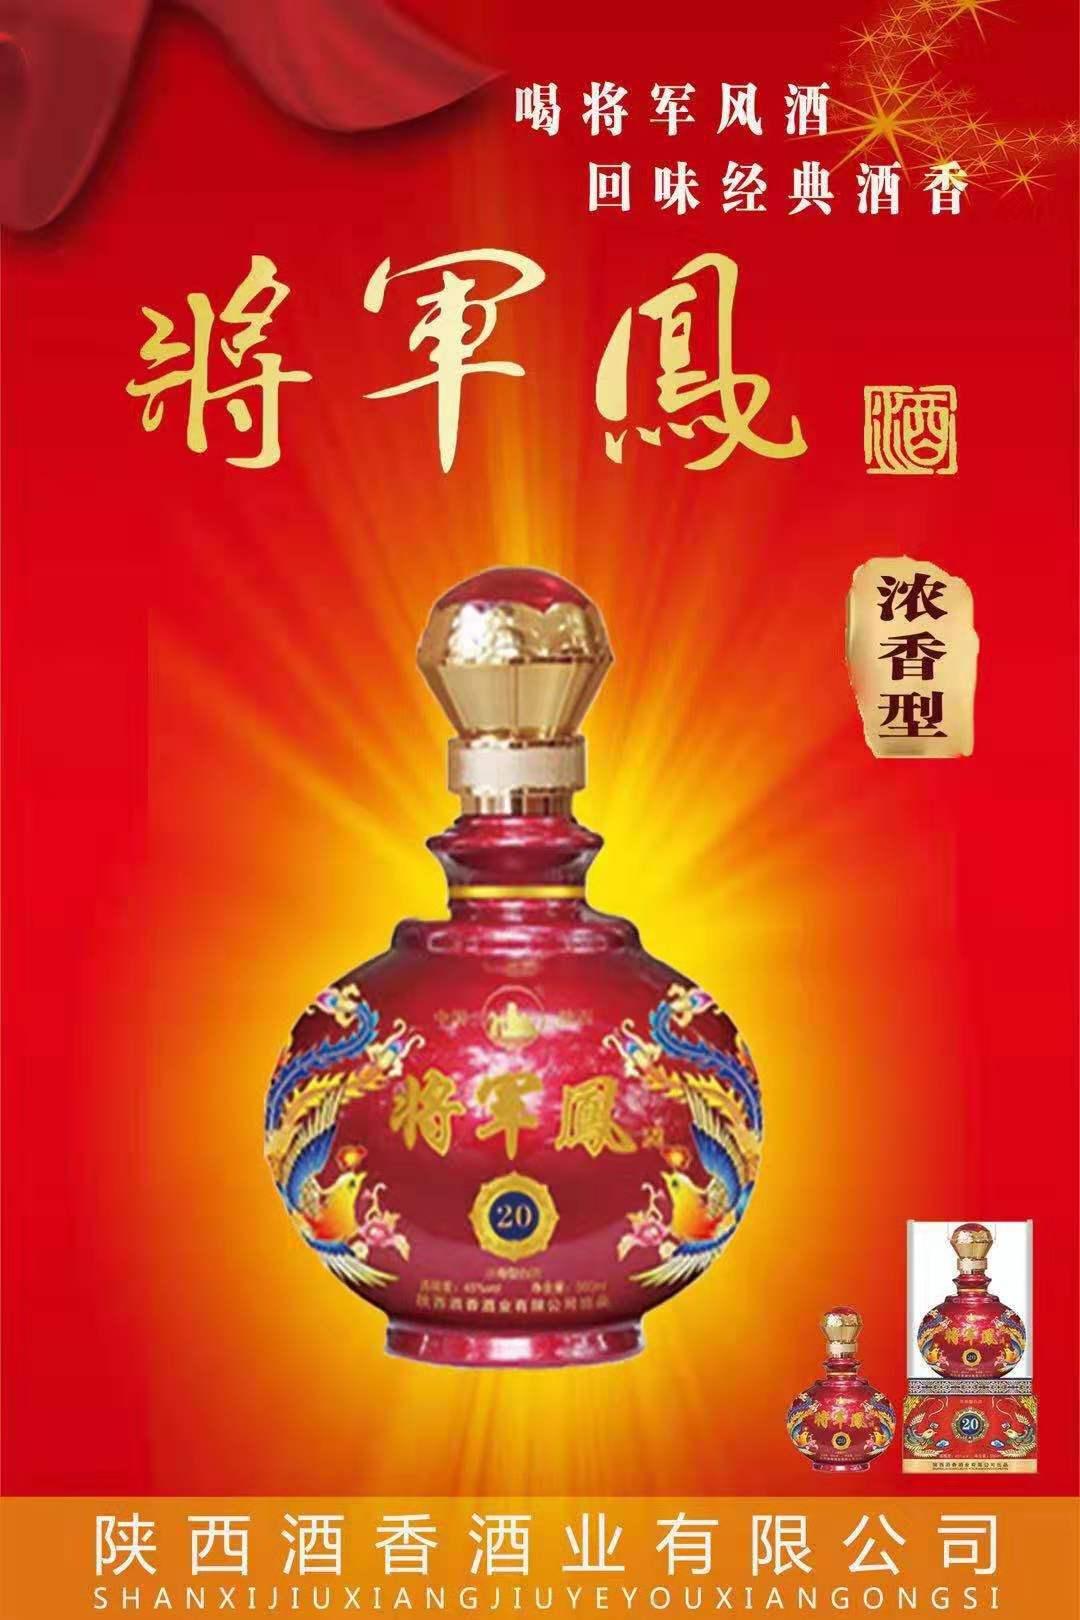 陕西将军凤酒---将军鳯浓香型20